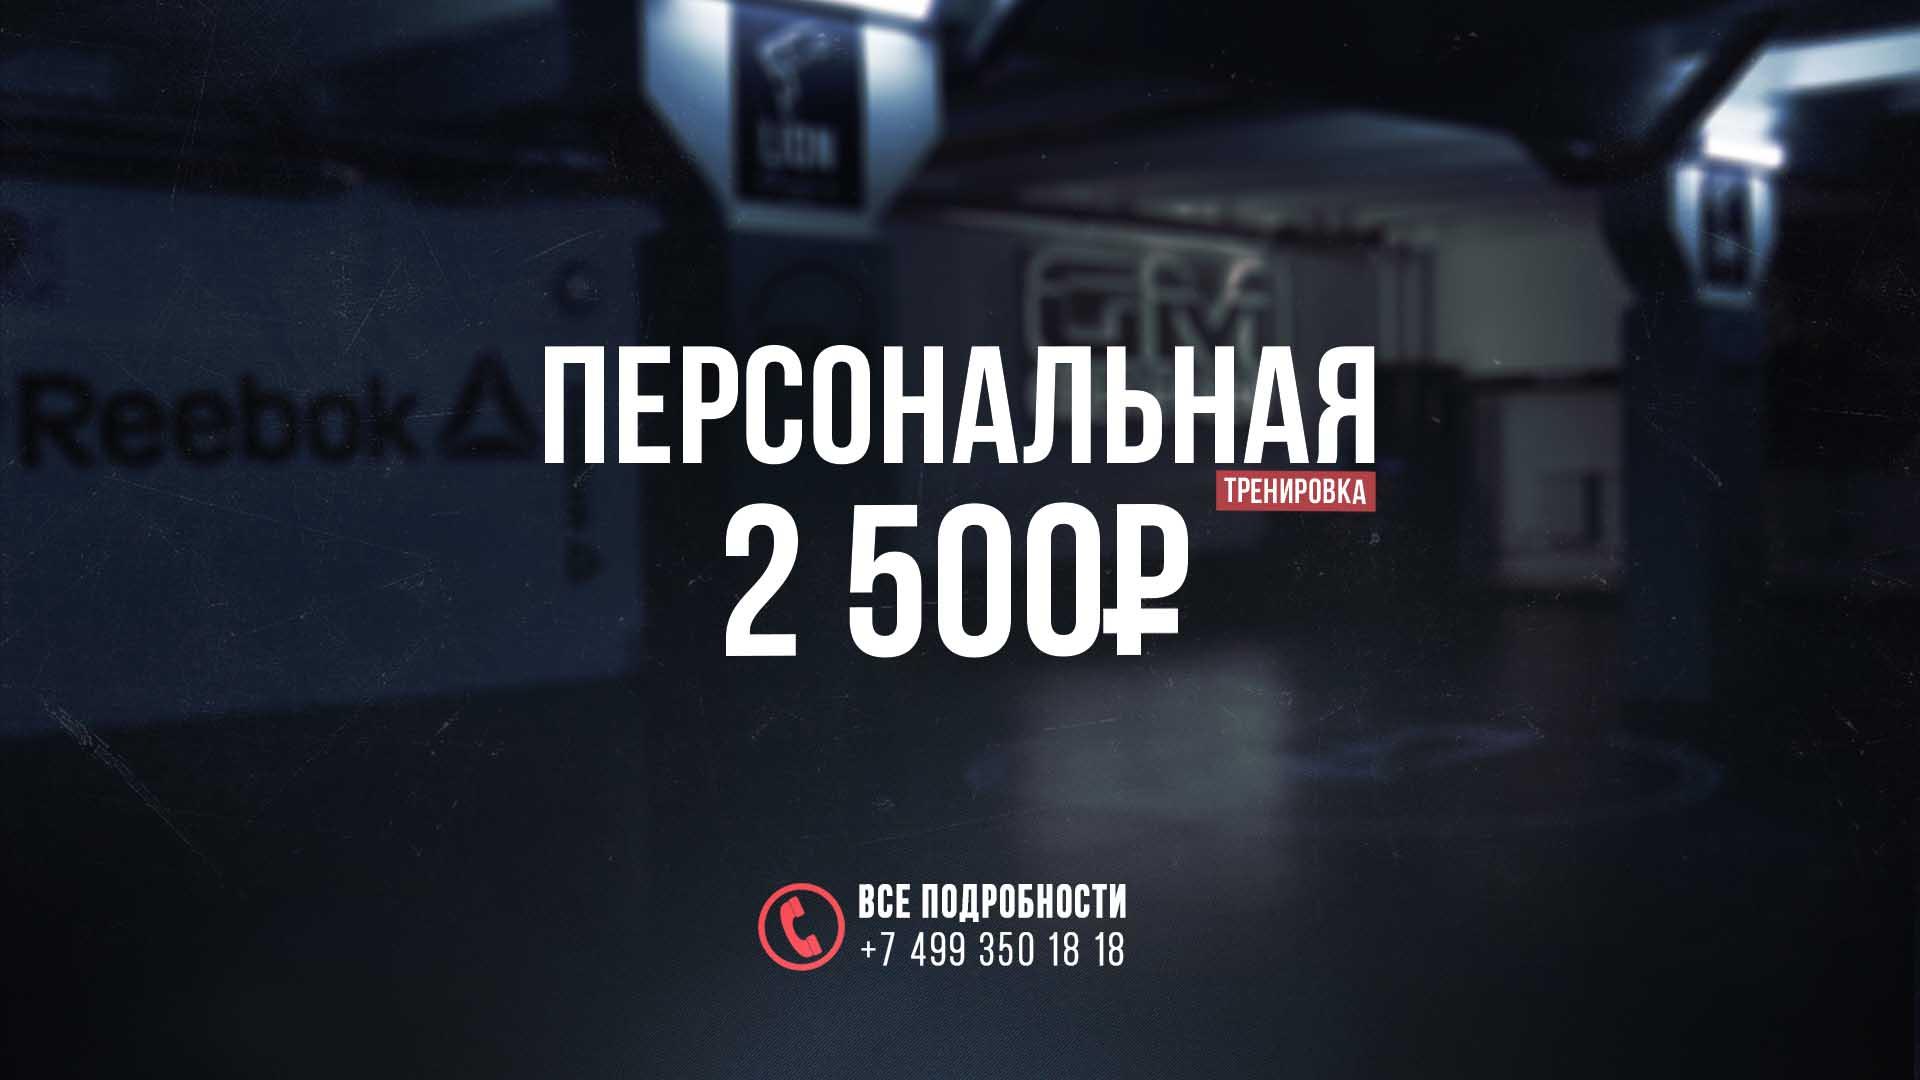 Персональная тренировка 2500